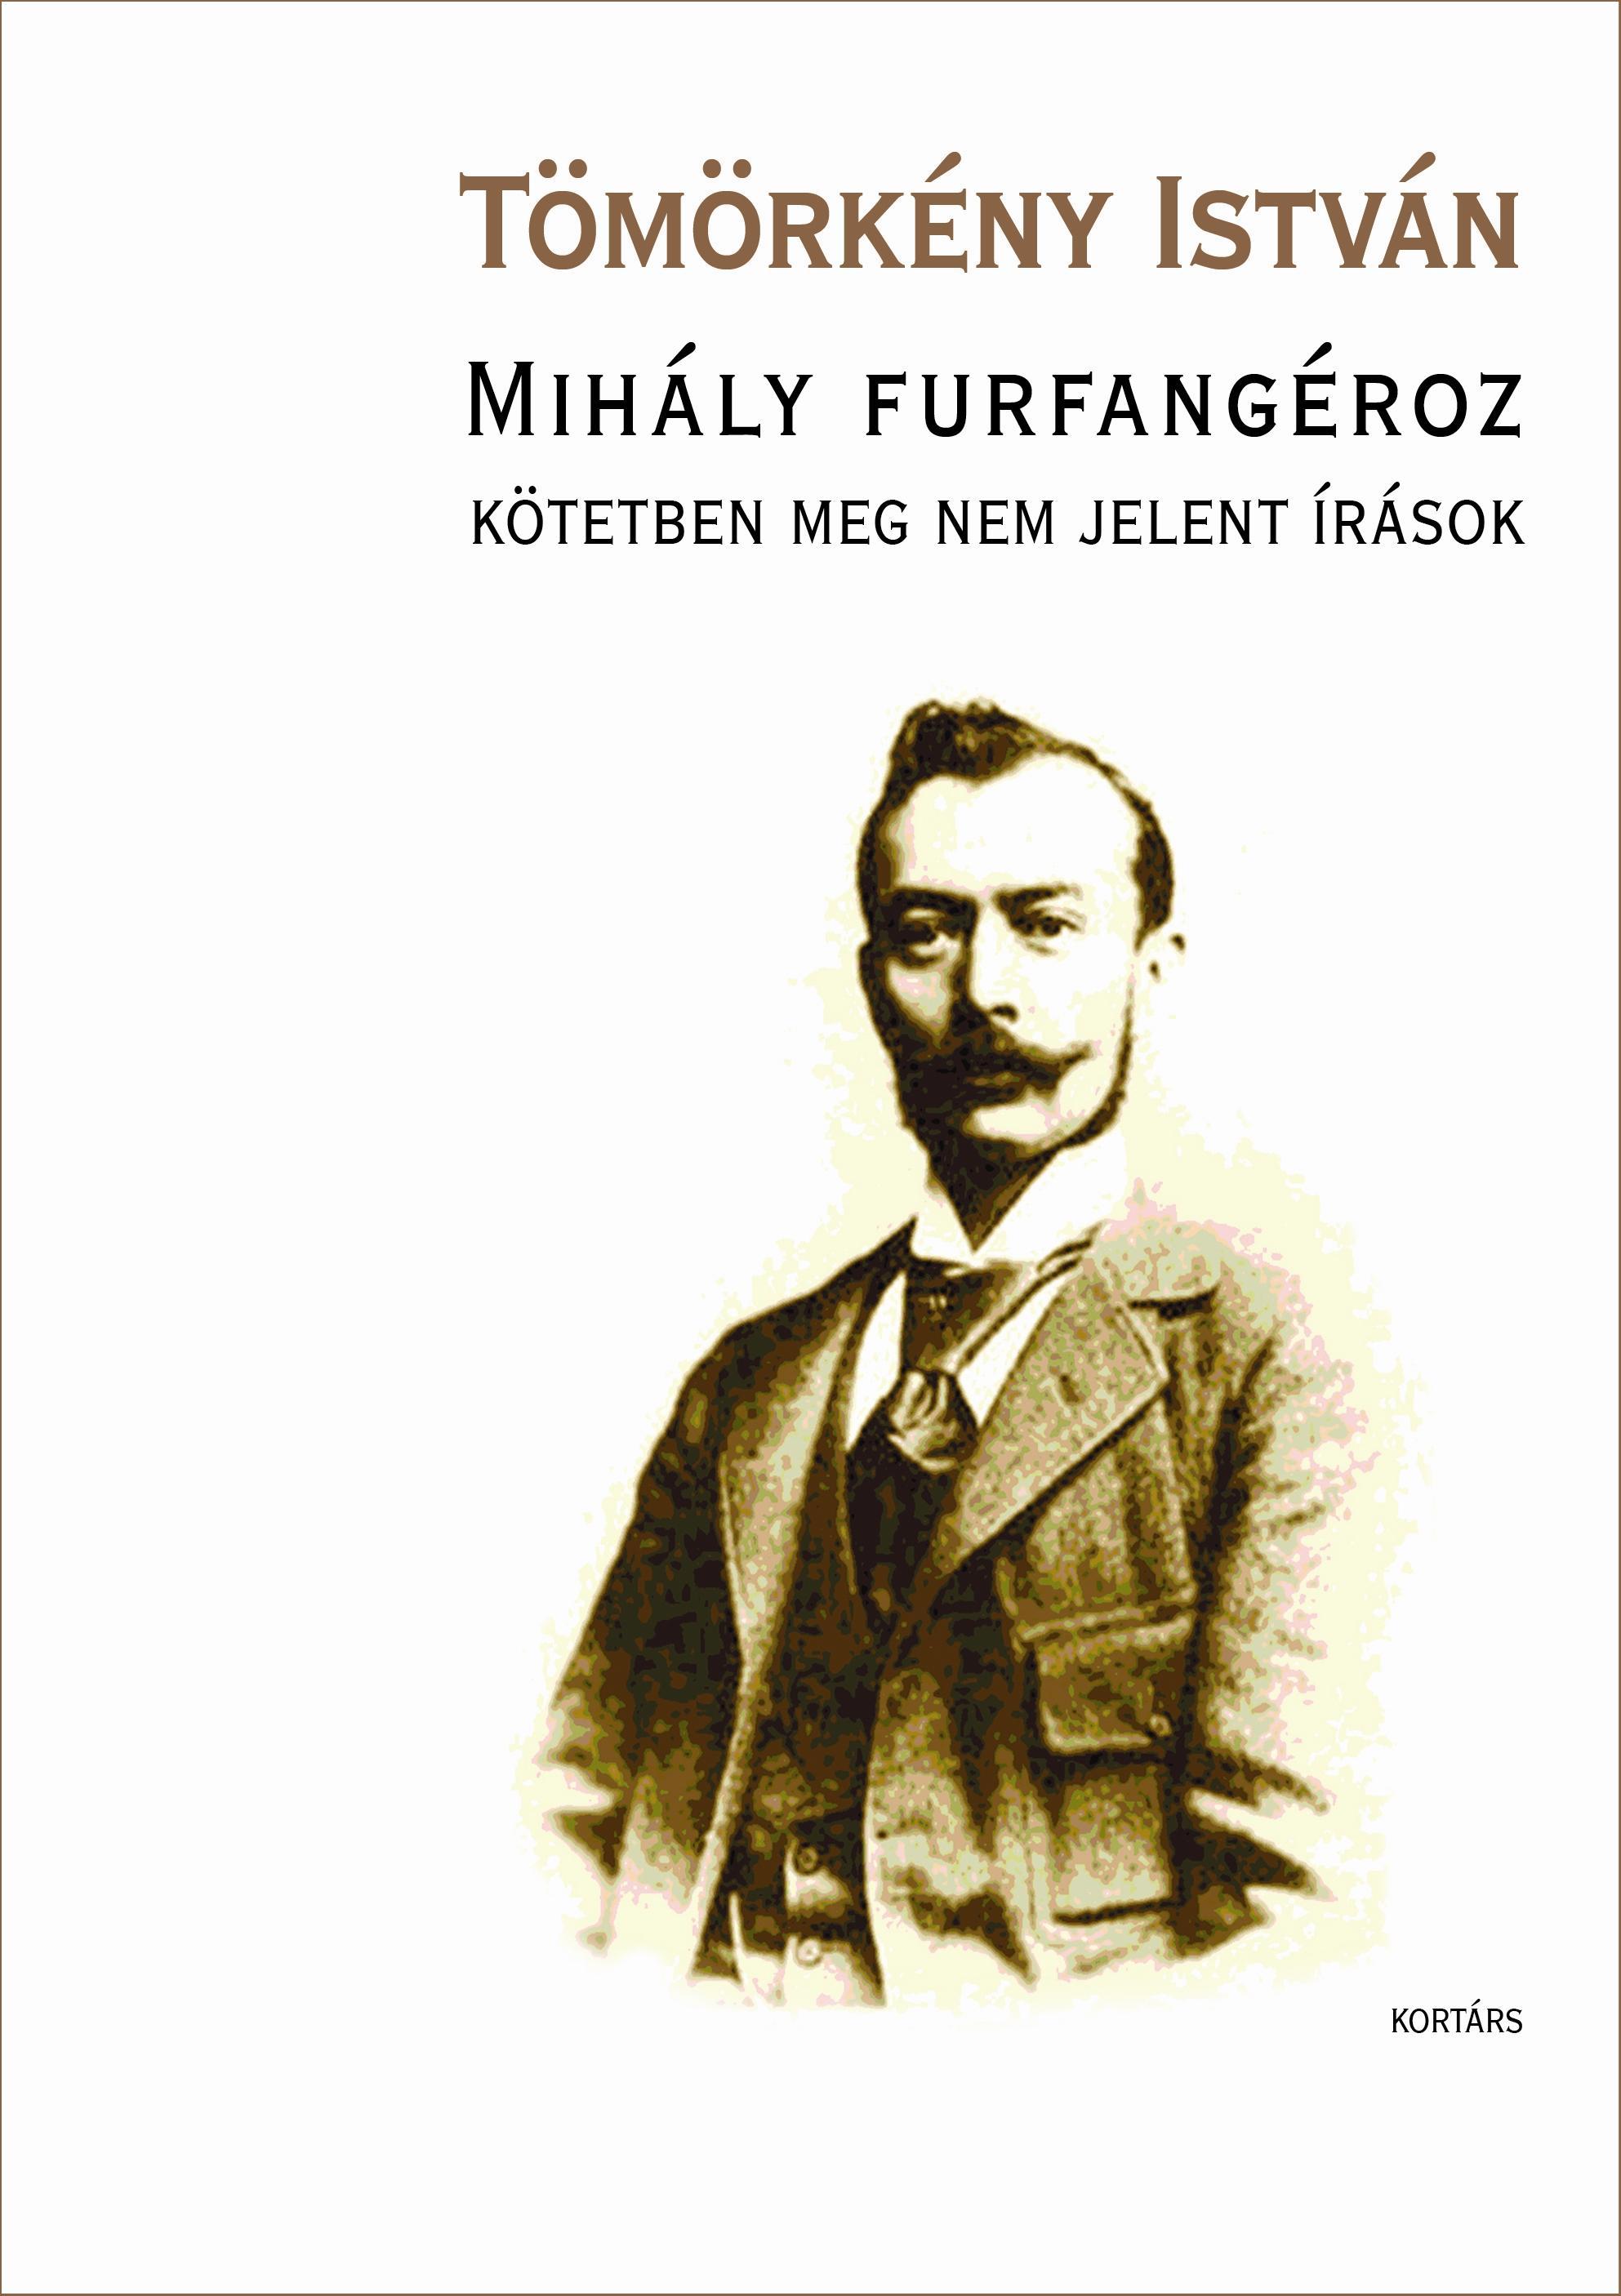 MIHÁLY FURFANGÉROZ - KÖTETBEN MEG NEM JELENT ÍRÁSOK